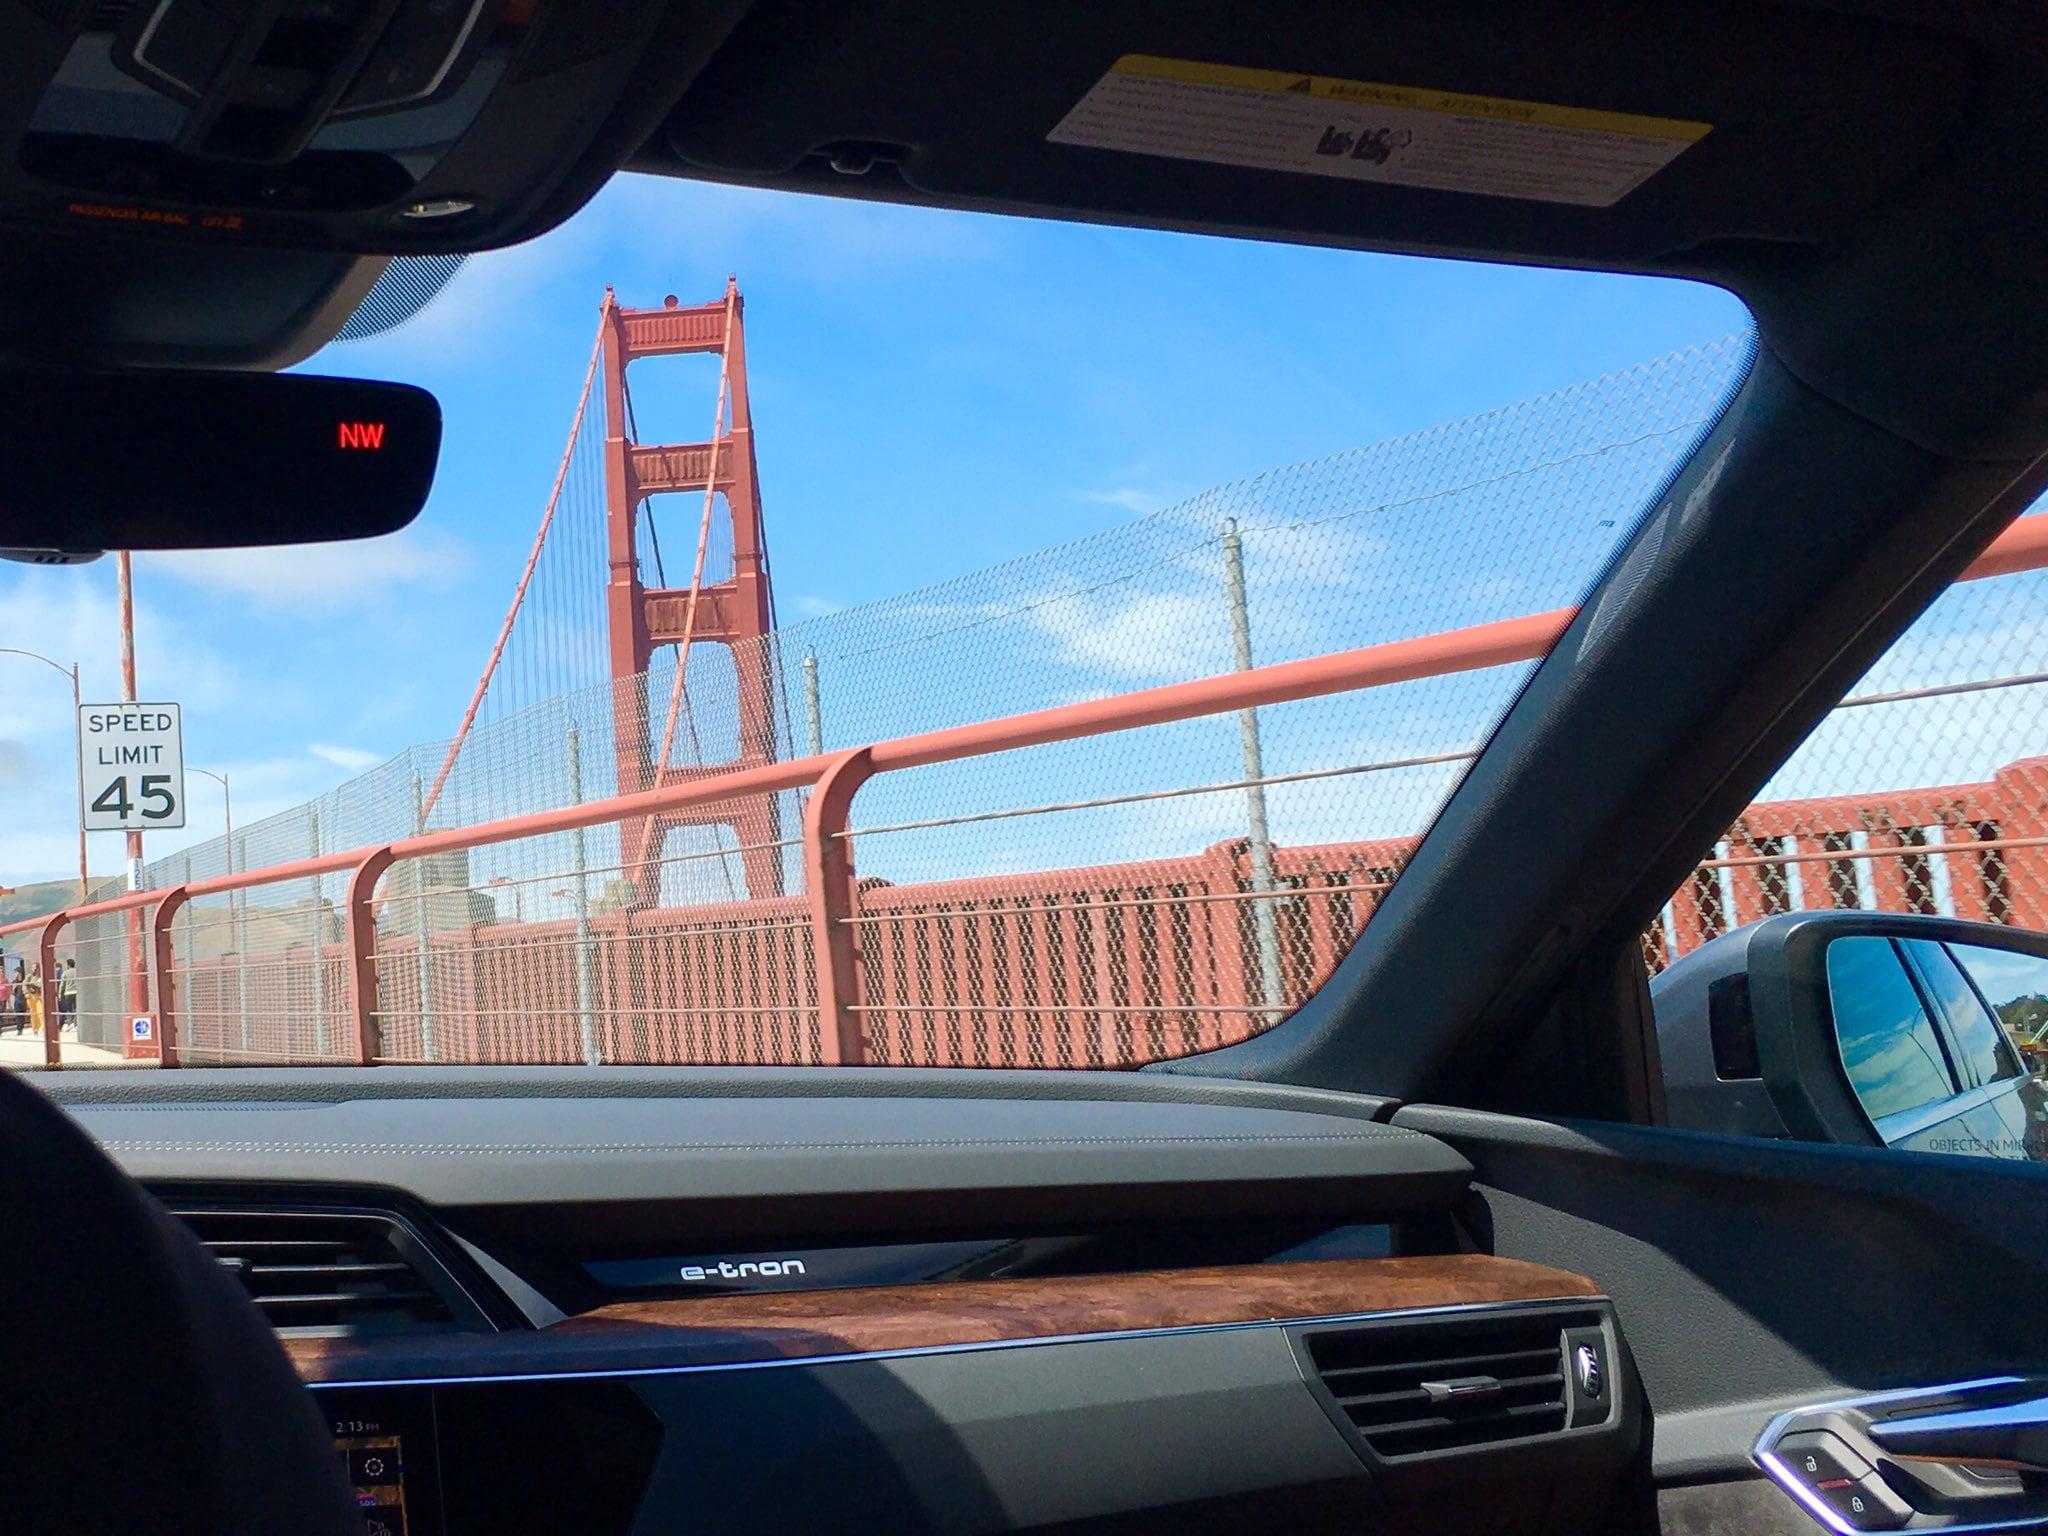 Agenda de l'EPA, Polestar climatiquement neutre, recharge rapide Hummer EV: Actualités automobile d'aujourd'hui